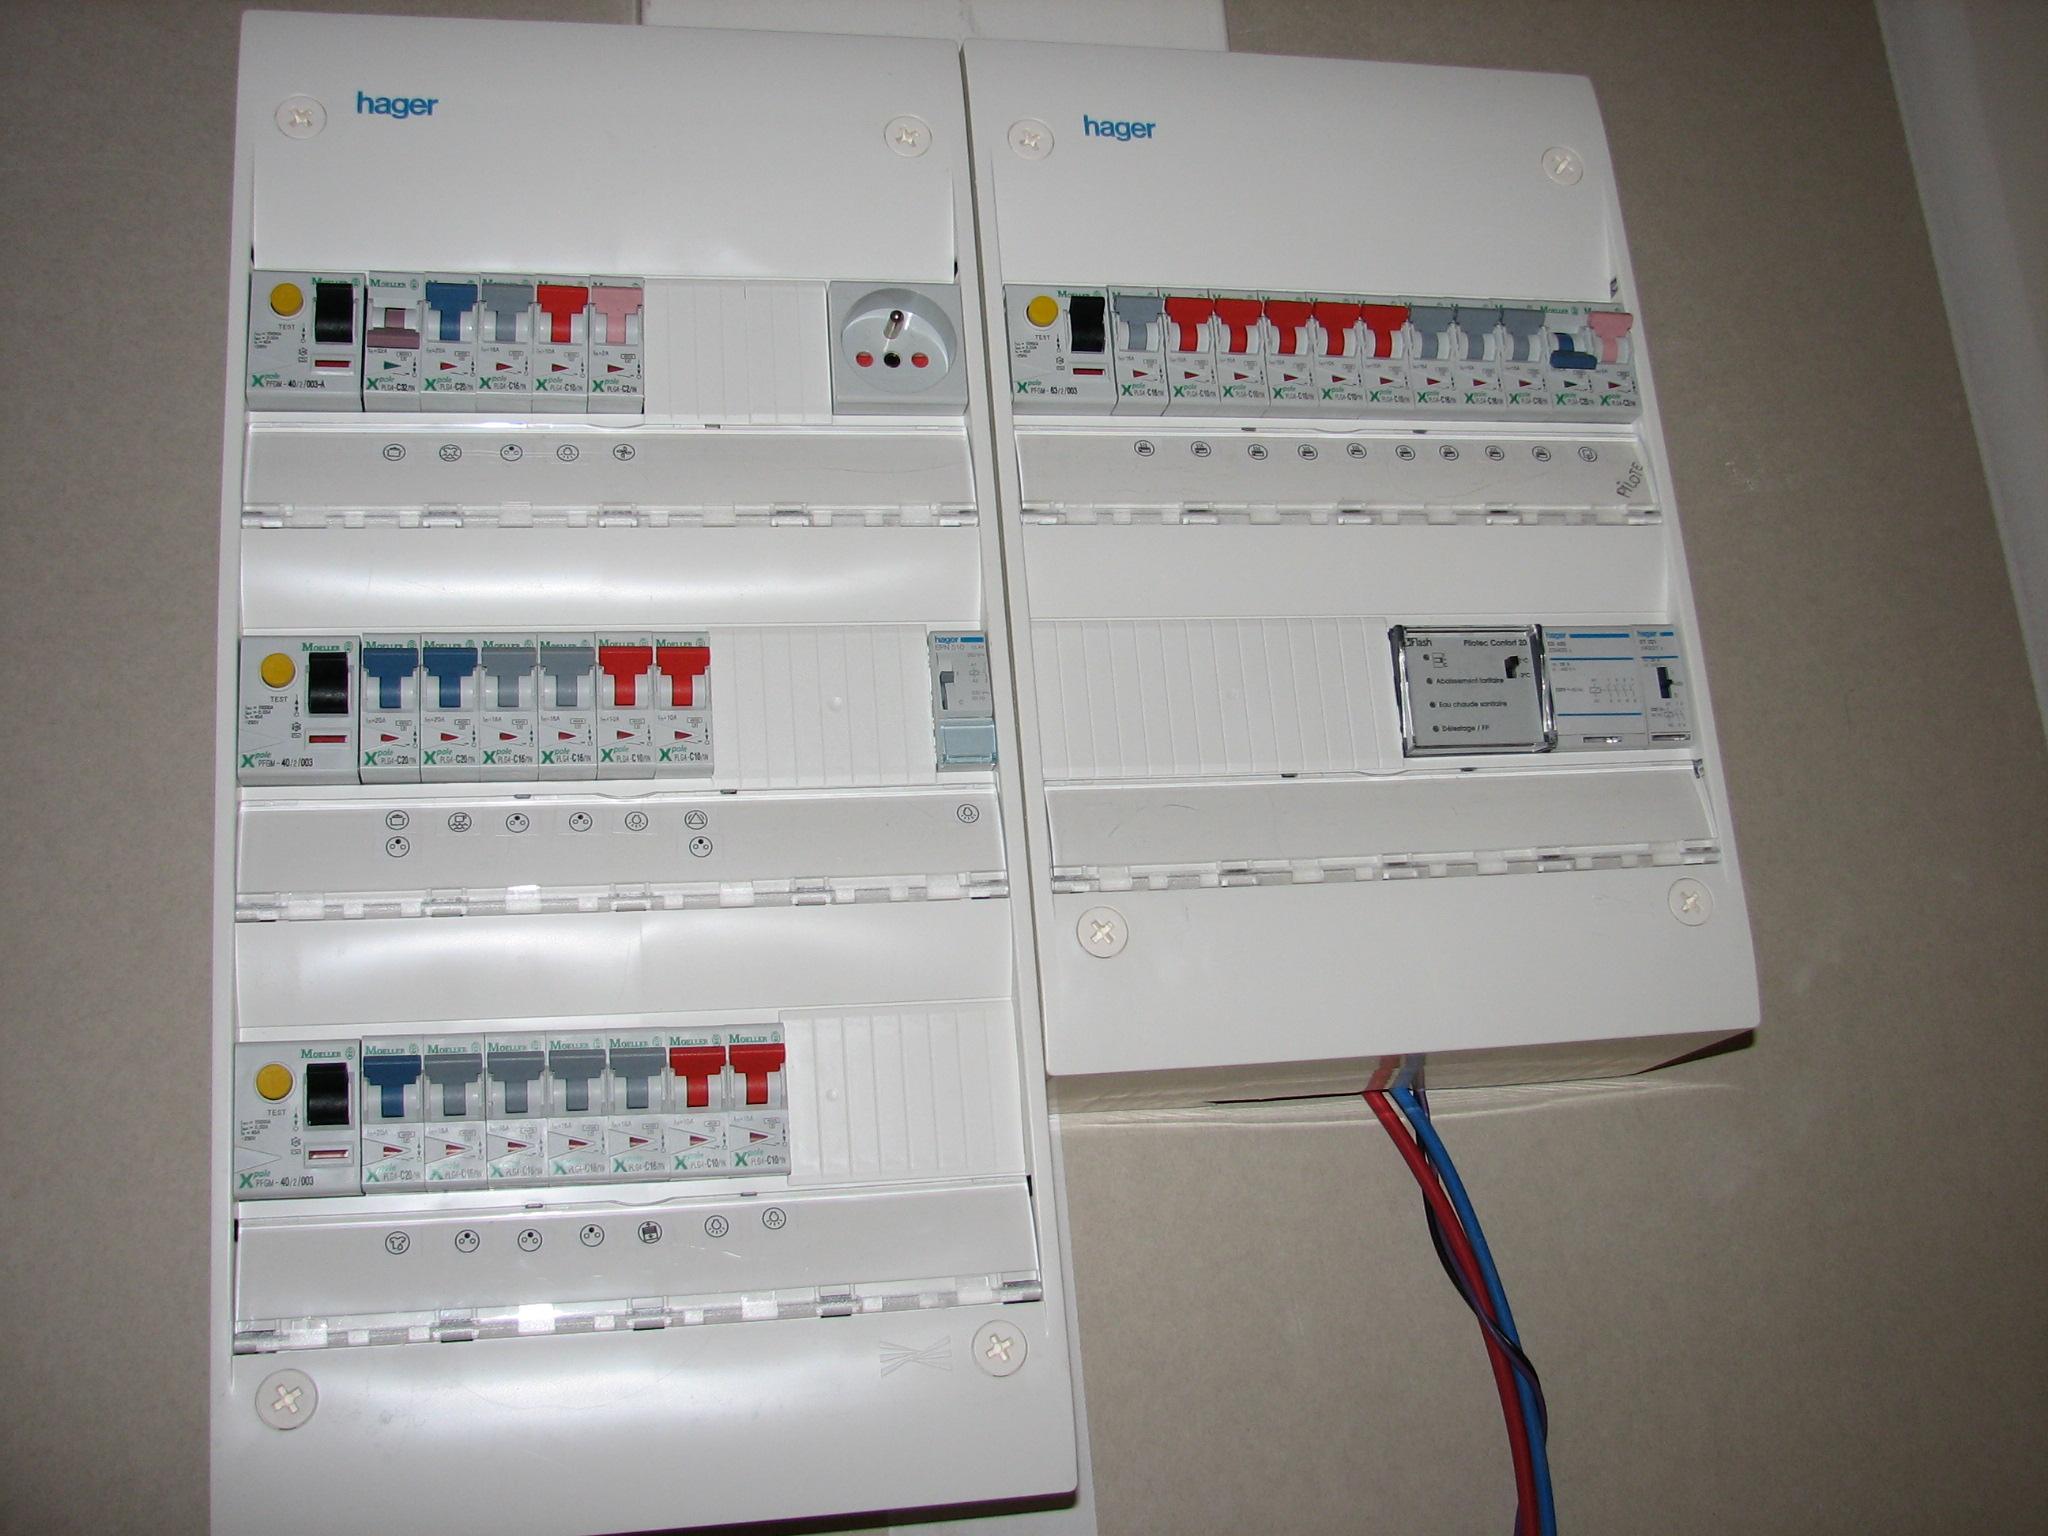 je veux trouver un bon tableau ou coffet electrique de marque pas cher ici tableau electrique de maison - Photo Tableau Electrique Maison